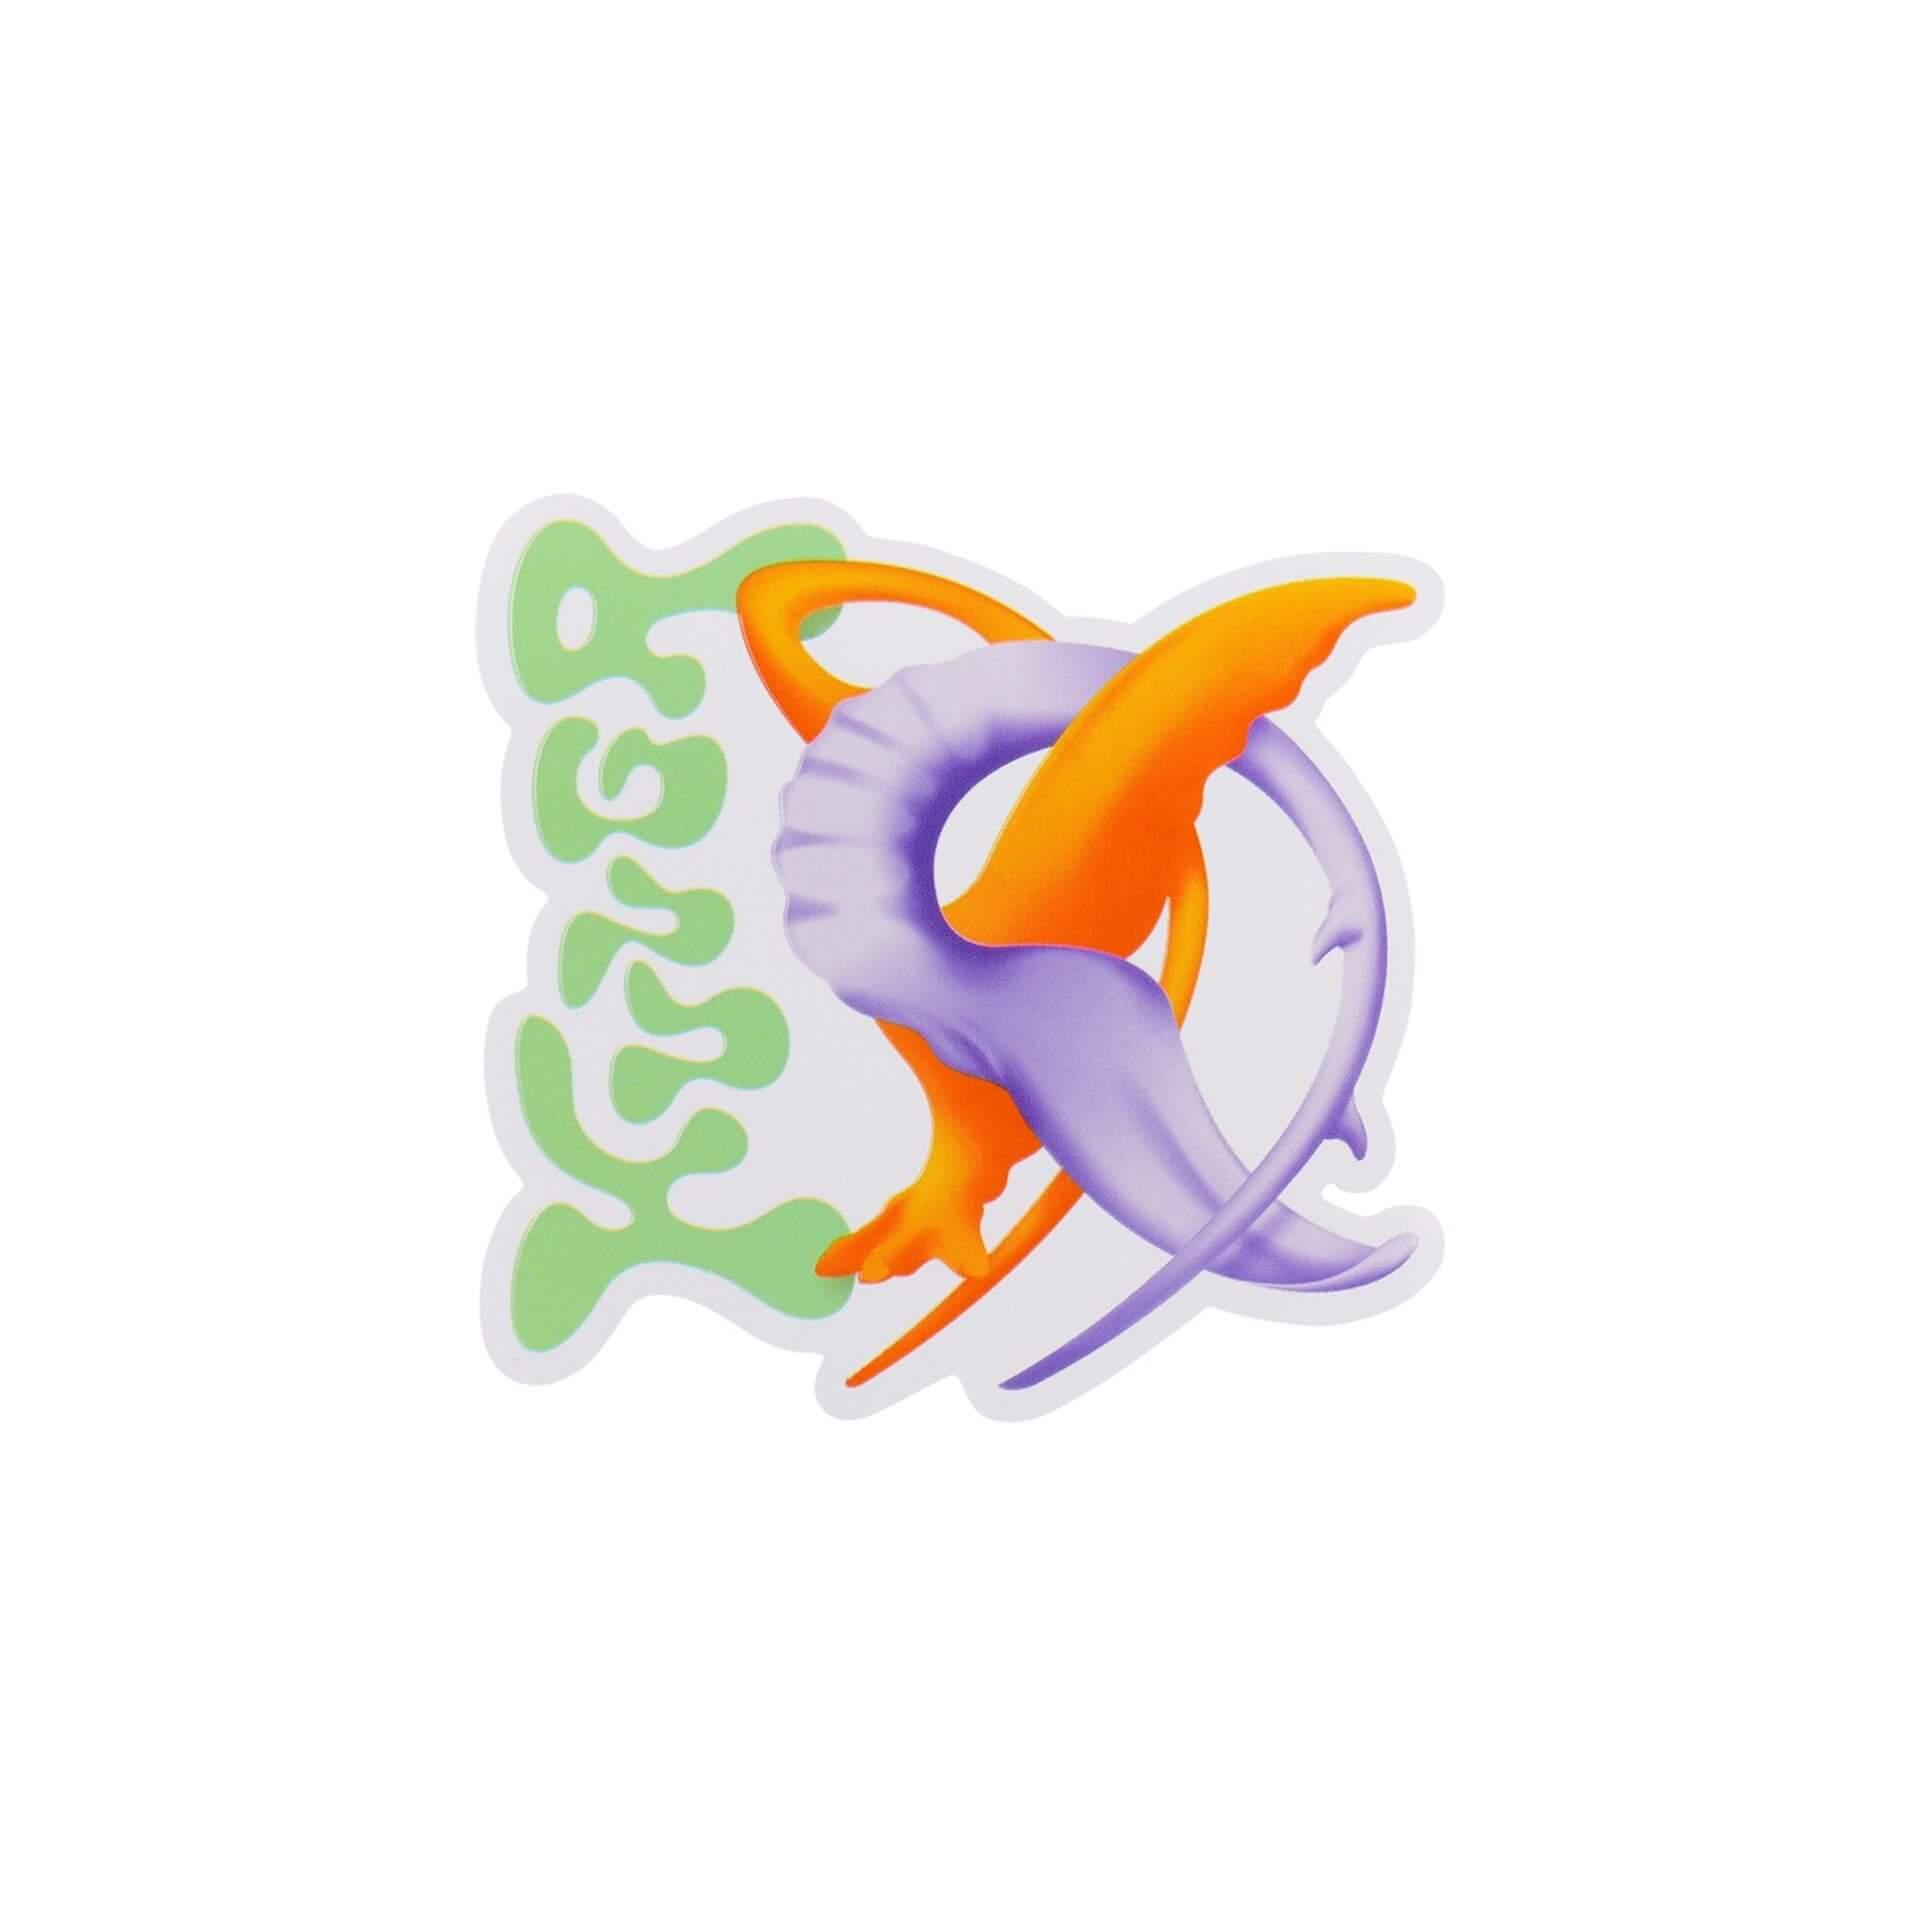 Tohji、Loota、Brodinskiのコラボアルバム『KUUGA』のオフィシャルグッズが3日間限定発売決定! life210610_tohji_kuuga_4